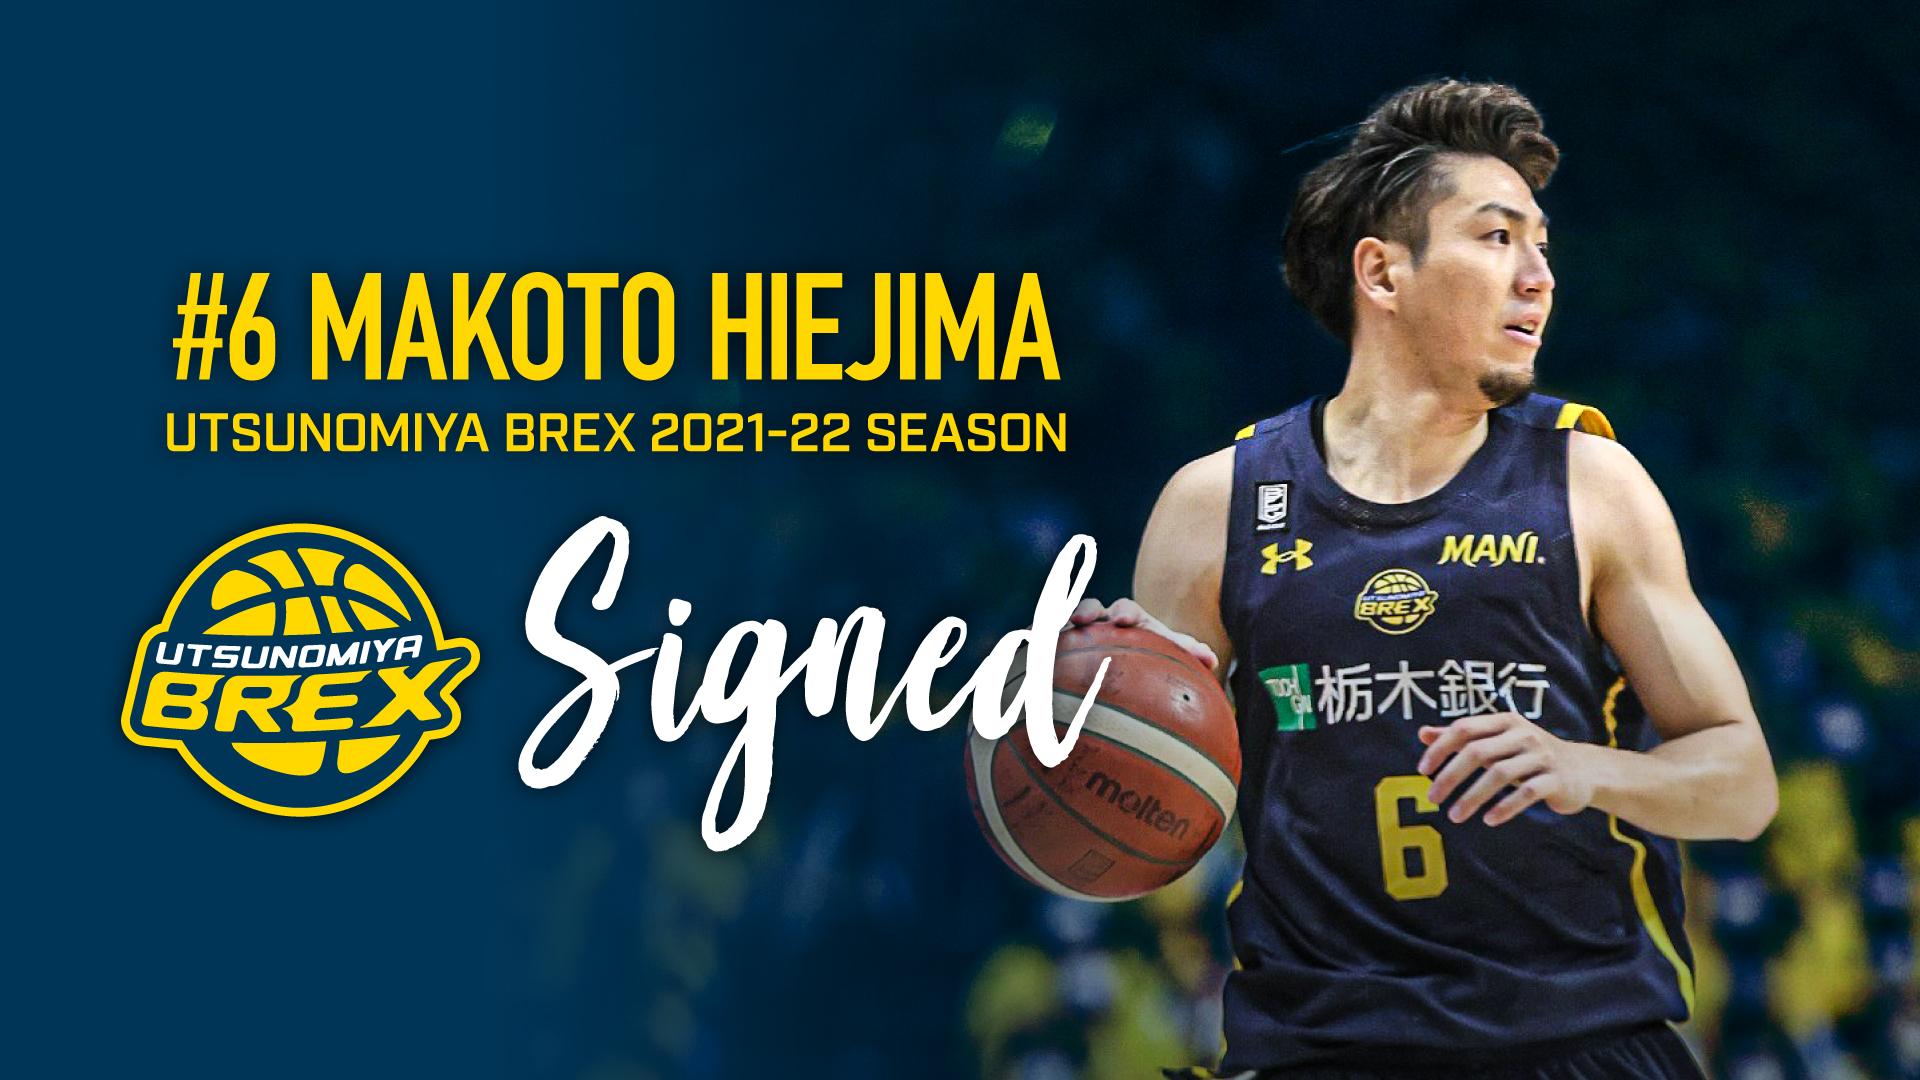 【宇都宮ブレックス】#6 比江島選手、2021-22シーズン契約合意